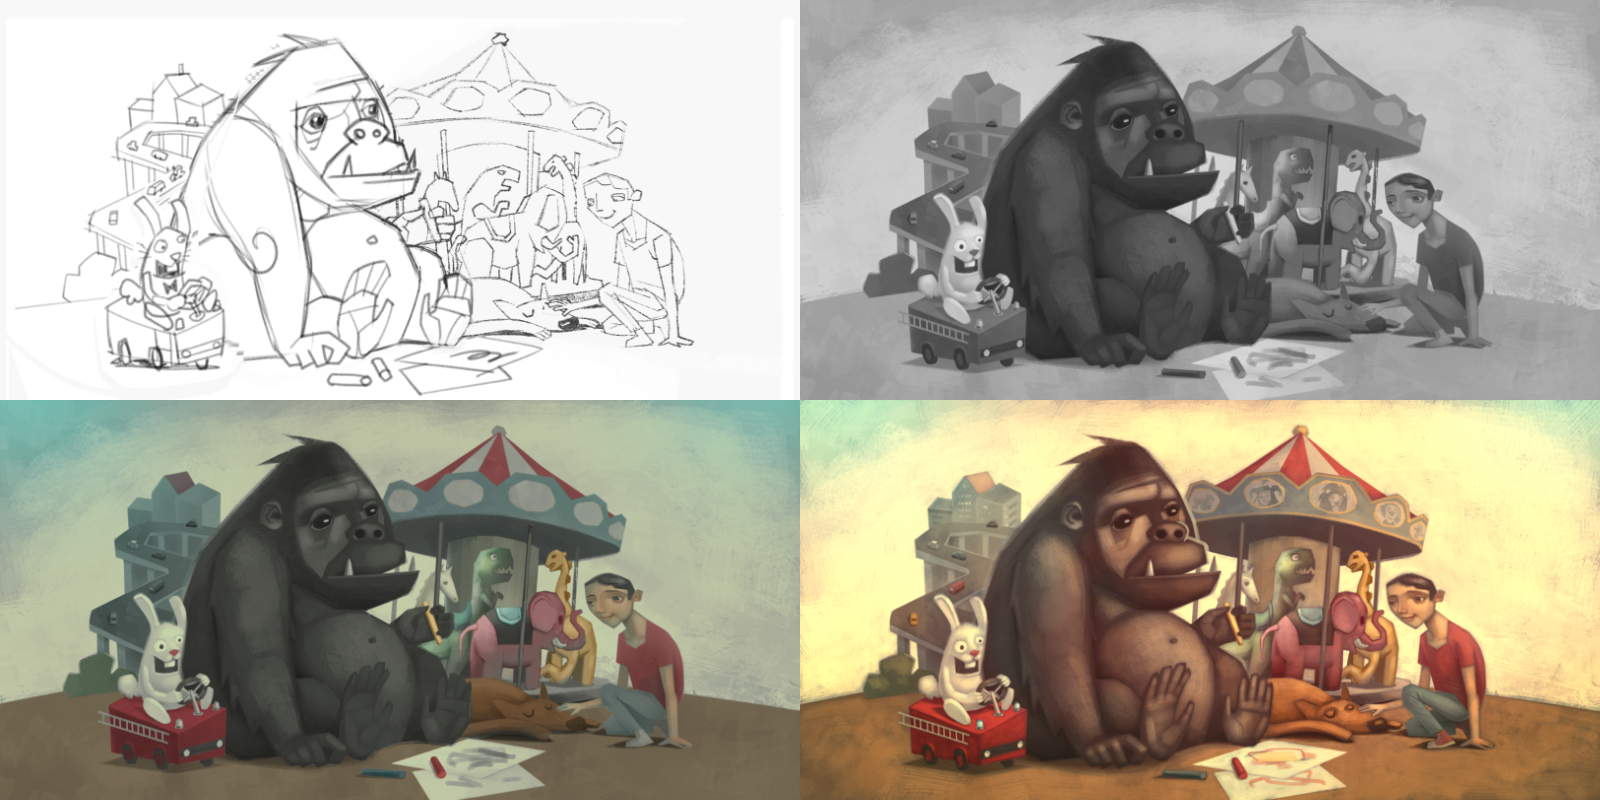 En av processerna Jonn Clemente använder i sina illustrationer går via gråskala: 1. Skiss i blyerts på papper. 2. Gråskala för valörer. 3. Kulörer läggs till. 4. Ljus och detaljer.